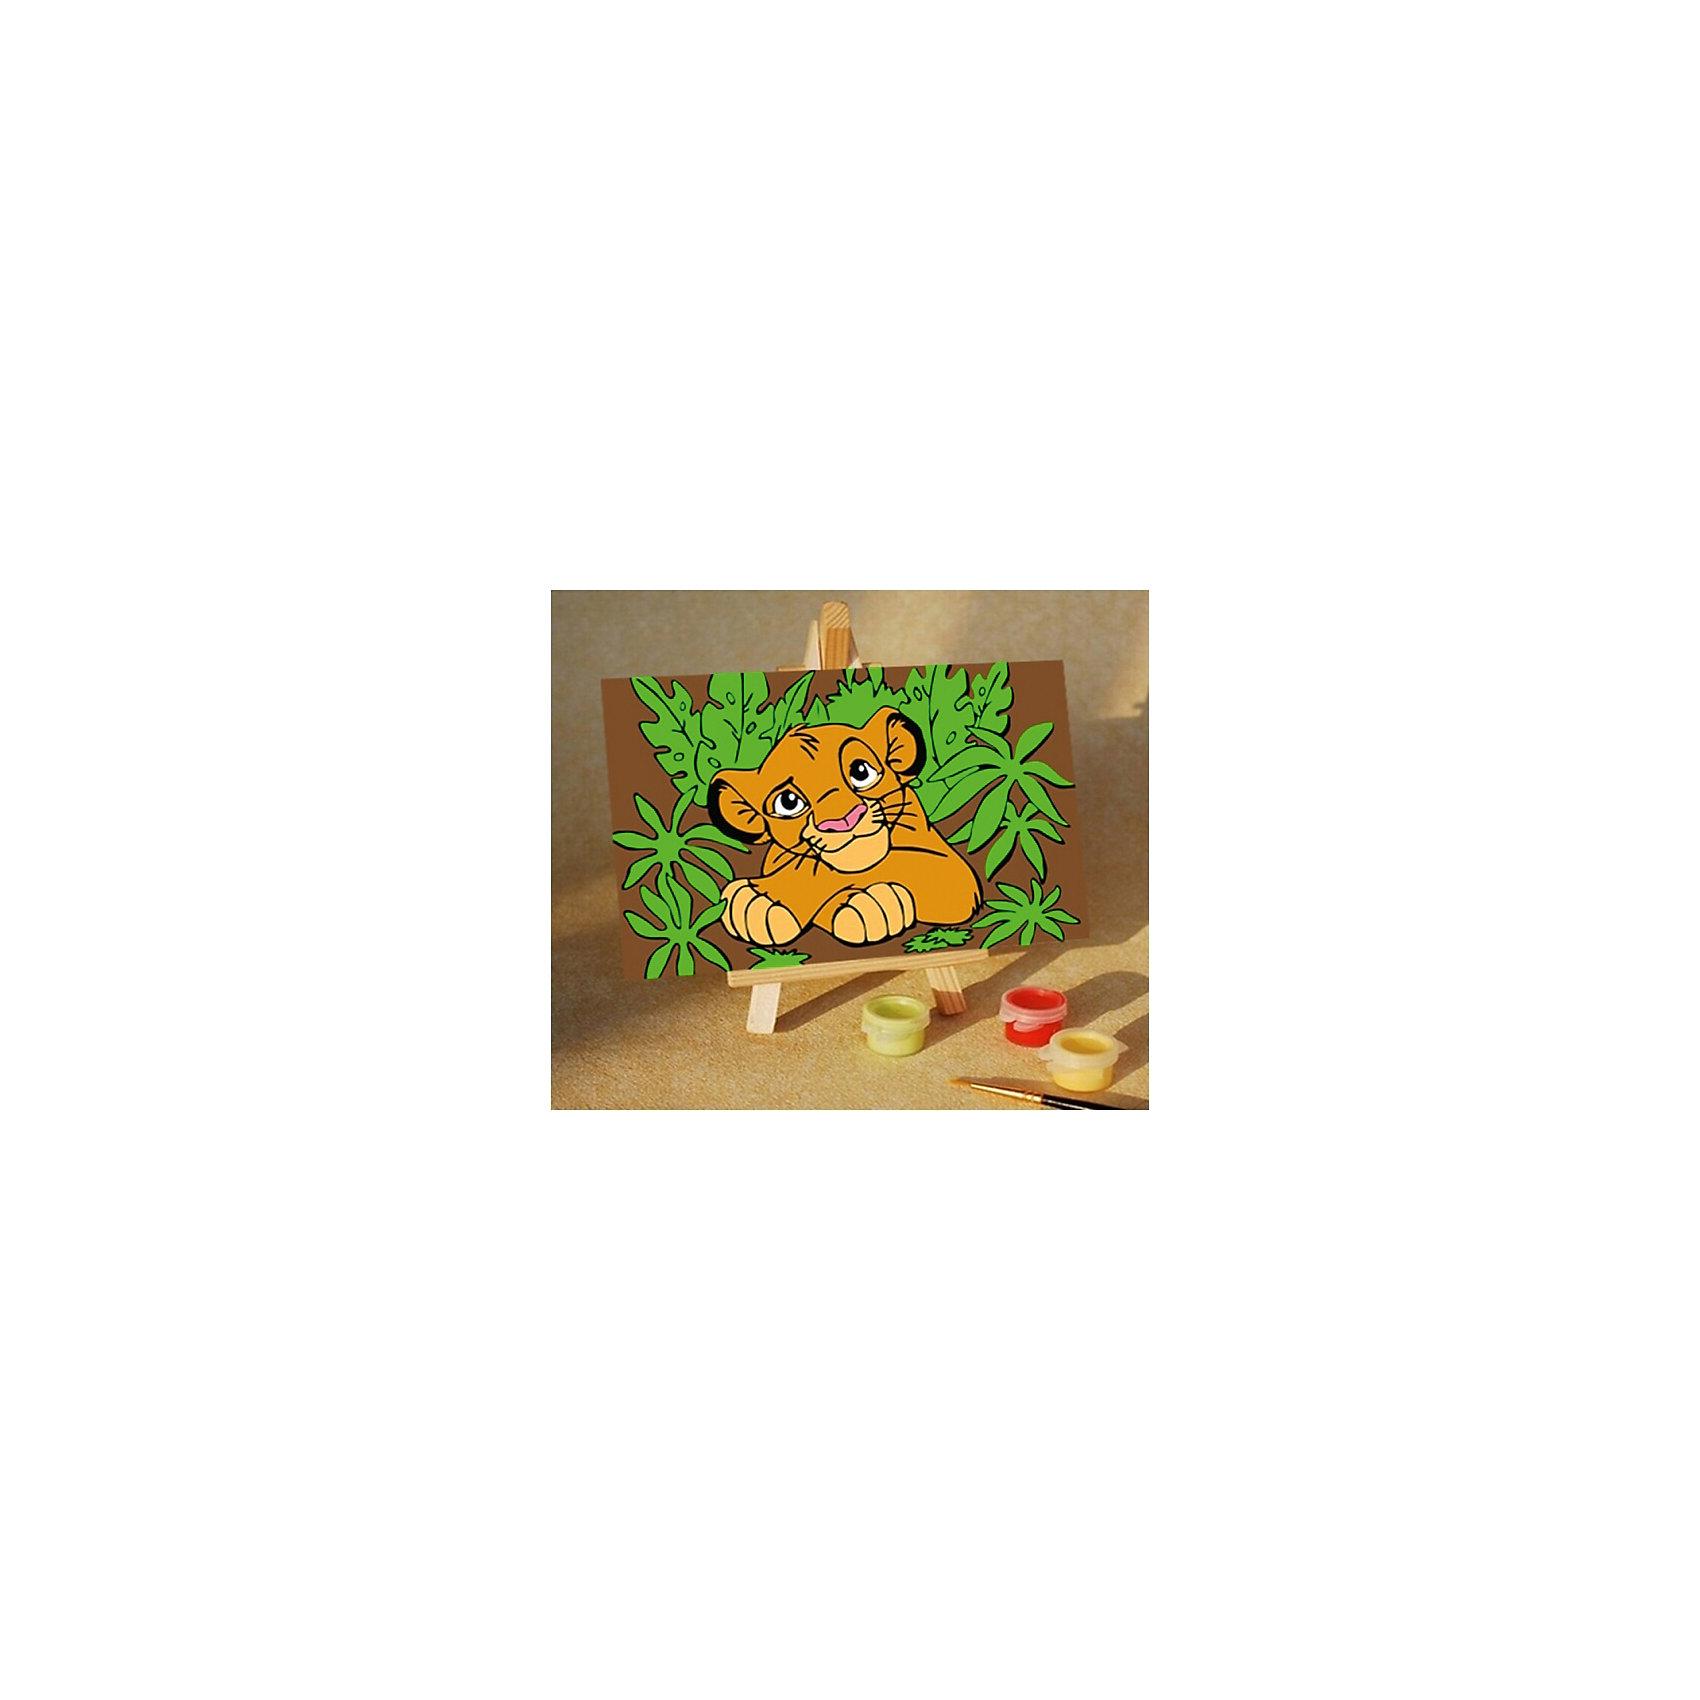 Роспись по холсту Король левРисование<br>Это набор для раскрашивания, который состоит из размеченного и полностью готового холста. натянутого на деревянный подрамник. Холст состоит из хлопка 100 %. Он пропитан специальной смесью для нанесения акриловых красок. Краски акриловые на водной основе. Они в вакуумной упаковке. Что гарантирует, то что они не высохнут от жары и не замерзнут от холода. В набор входят 3 кисти, контрольный лист.<br><br>Ширина мм: 110<br>Глубина мм: 25<br>Высота мм: 160<br>Вес г: 200<br>Возраст от месяцев: 36<br>Возраст до месяцев: 84<br>Пол: Унисекс<br>Возраст: Детский<br>SKU: 5350893